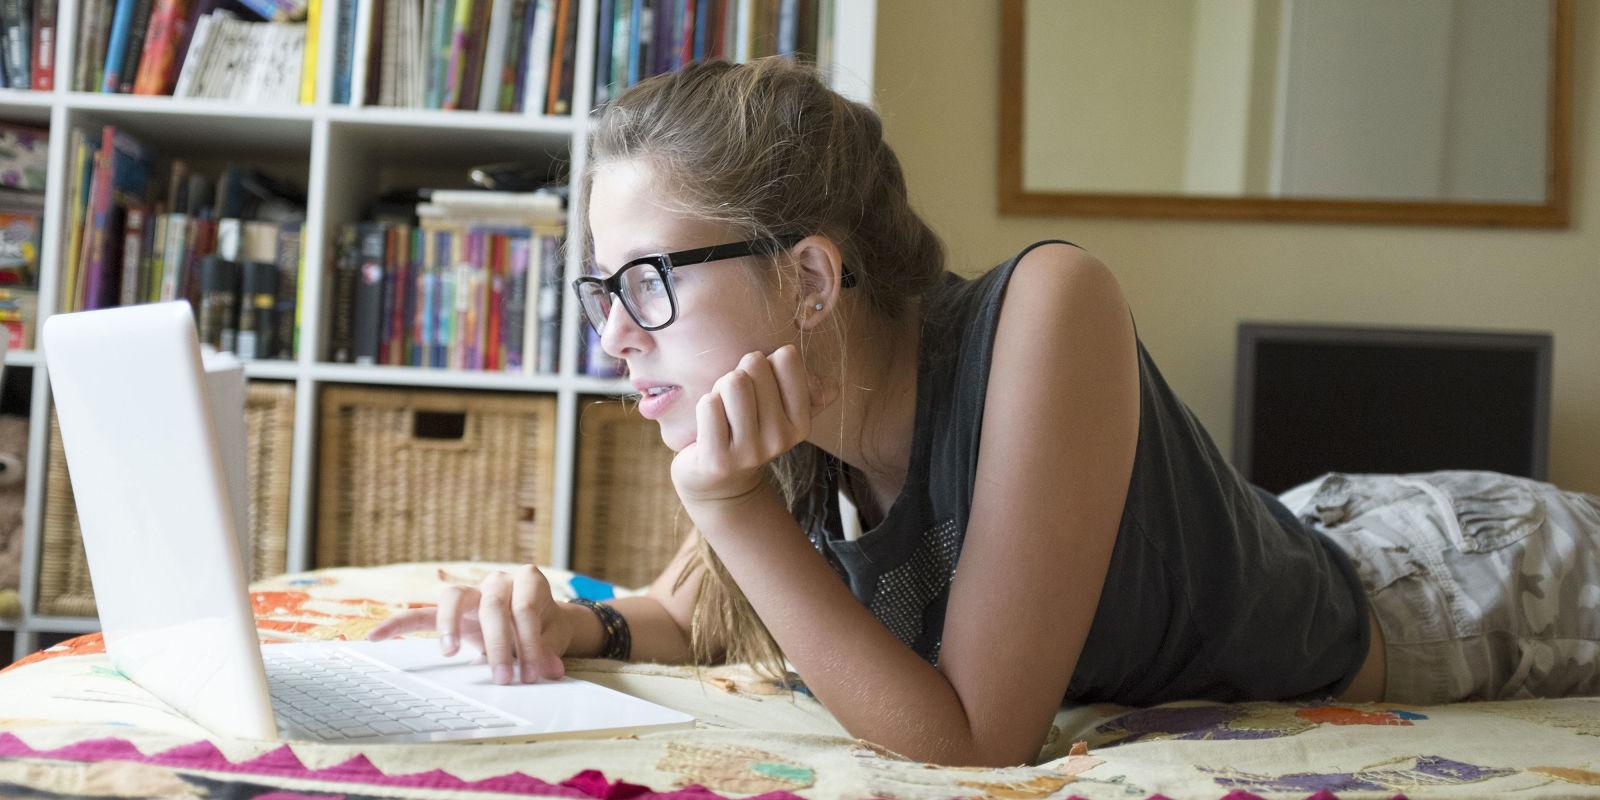 Претерувањето со социјалните мрежи го оштетува здравјето на младите